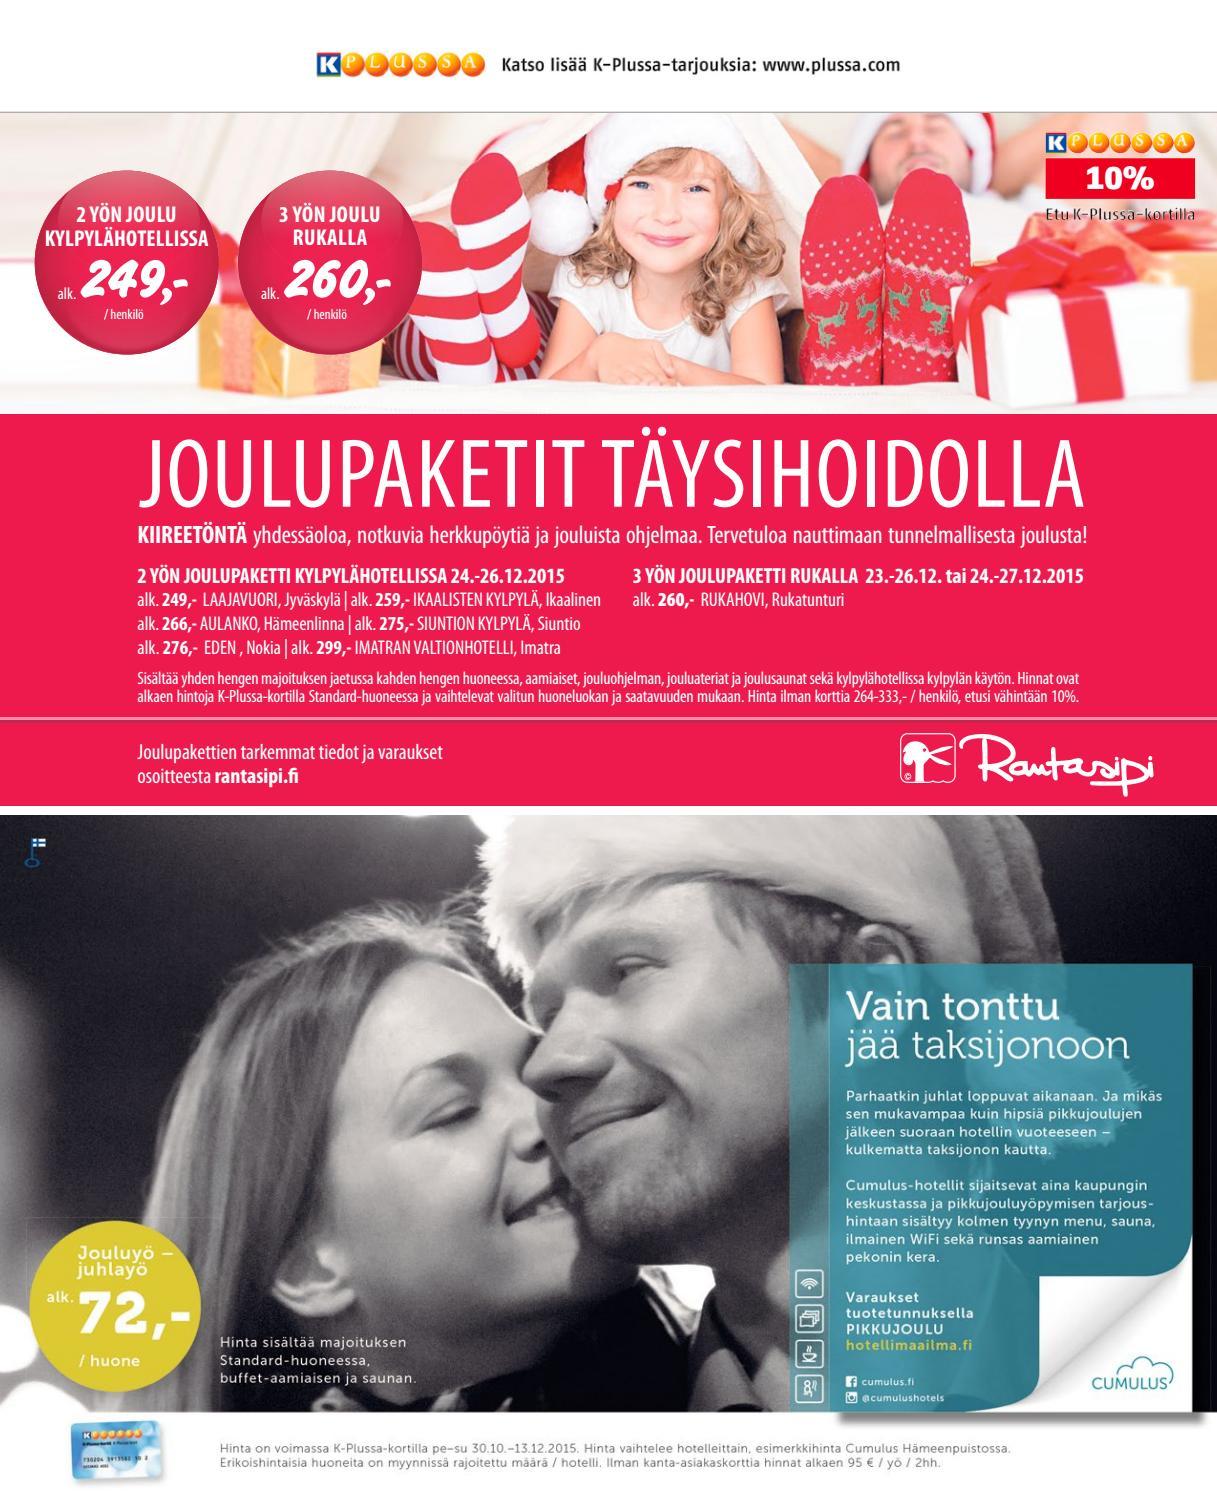 joulu 2018 ikaalisten kylpylä PIRKKA 11/2015 by Ruokakesko   issuu joulu 2018 ikaalisten kylpylä